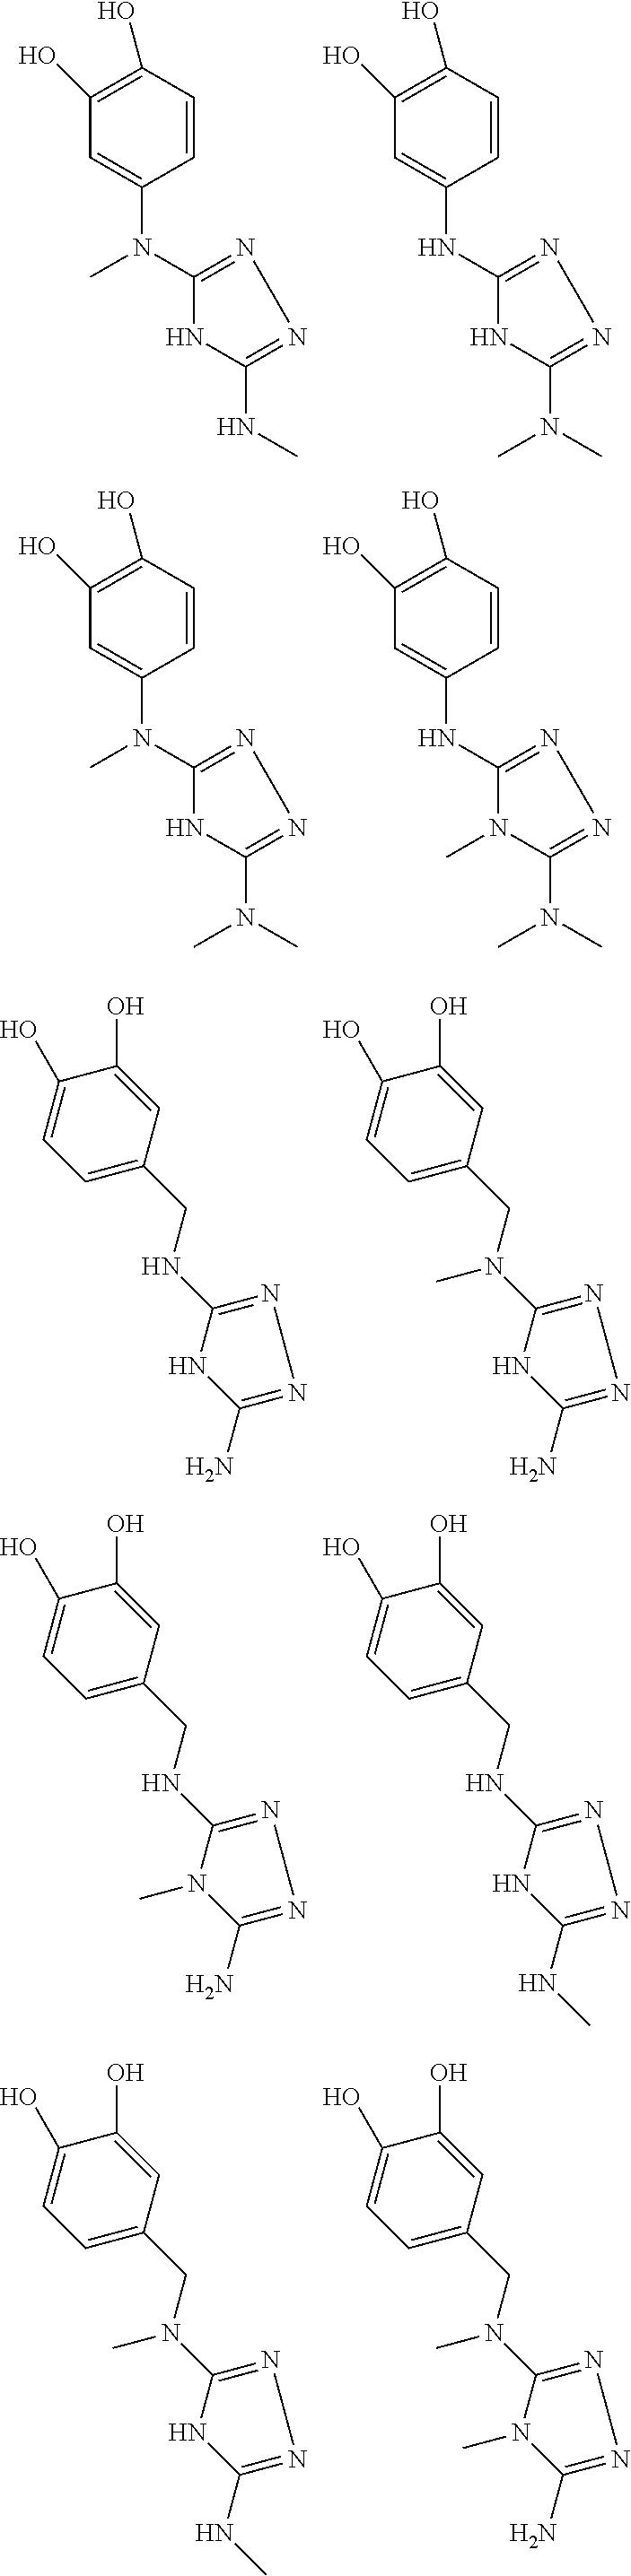 Figure US09480663-20161101-C00066